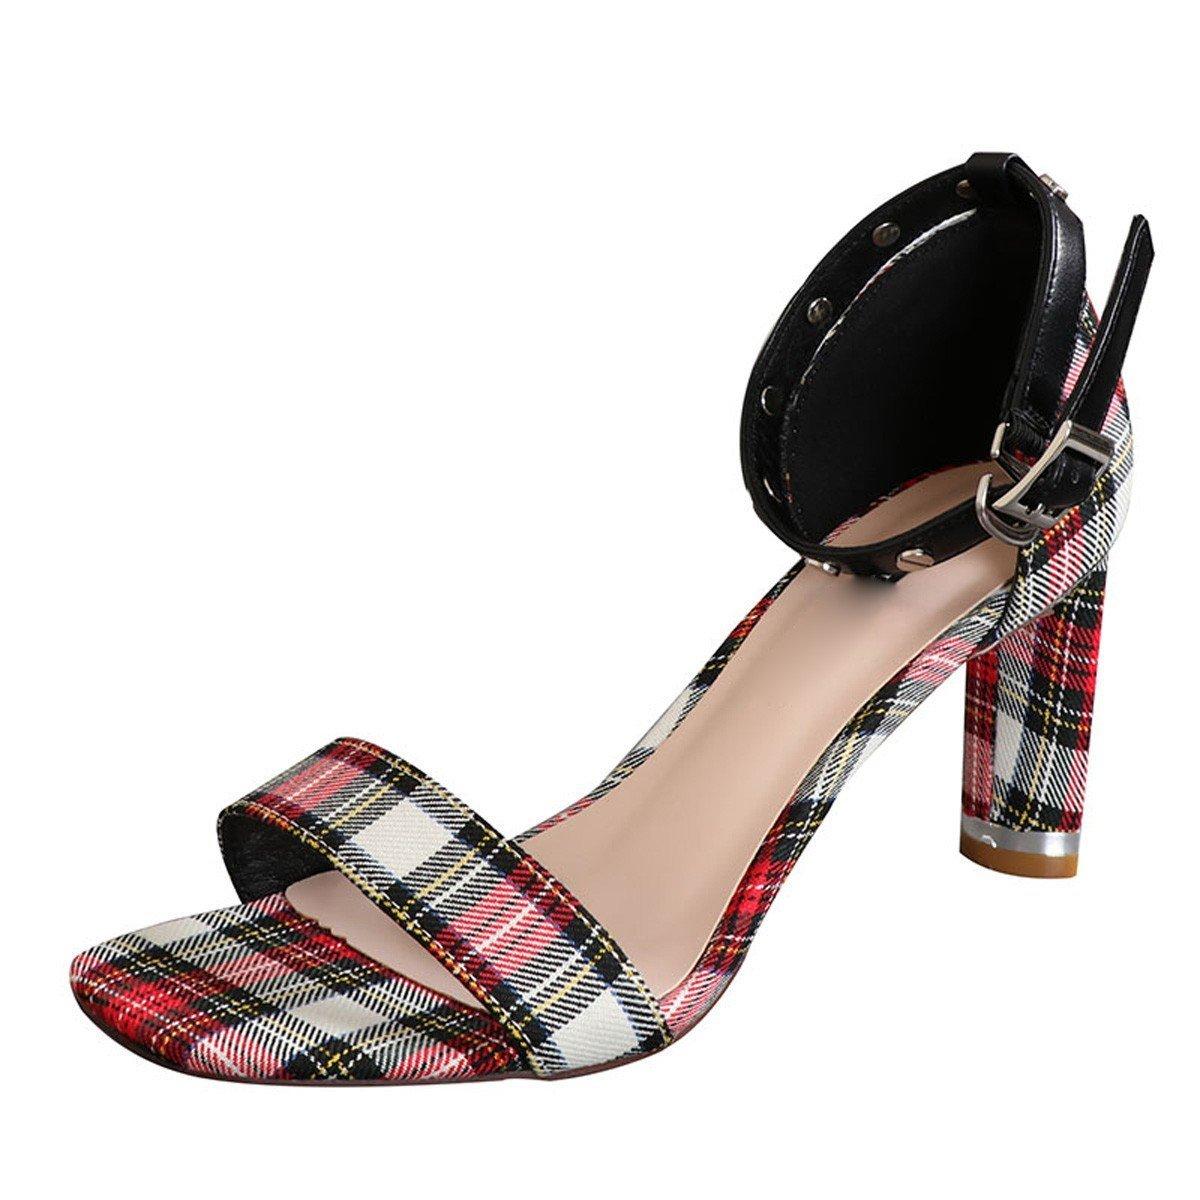 Zapatillas Sandalias Zapatos  Verano, Punta Abierta, Tela Escocesa, tacón Fornido, Tacones Altos de 8 cm, Remaches, Sandalias de un Solo botón 38 EU Mig